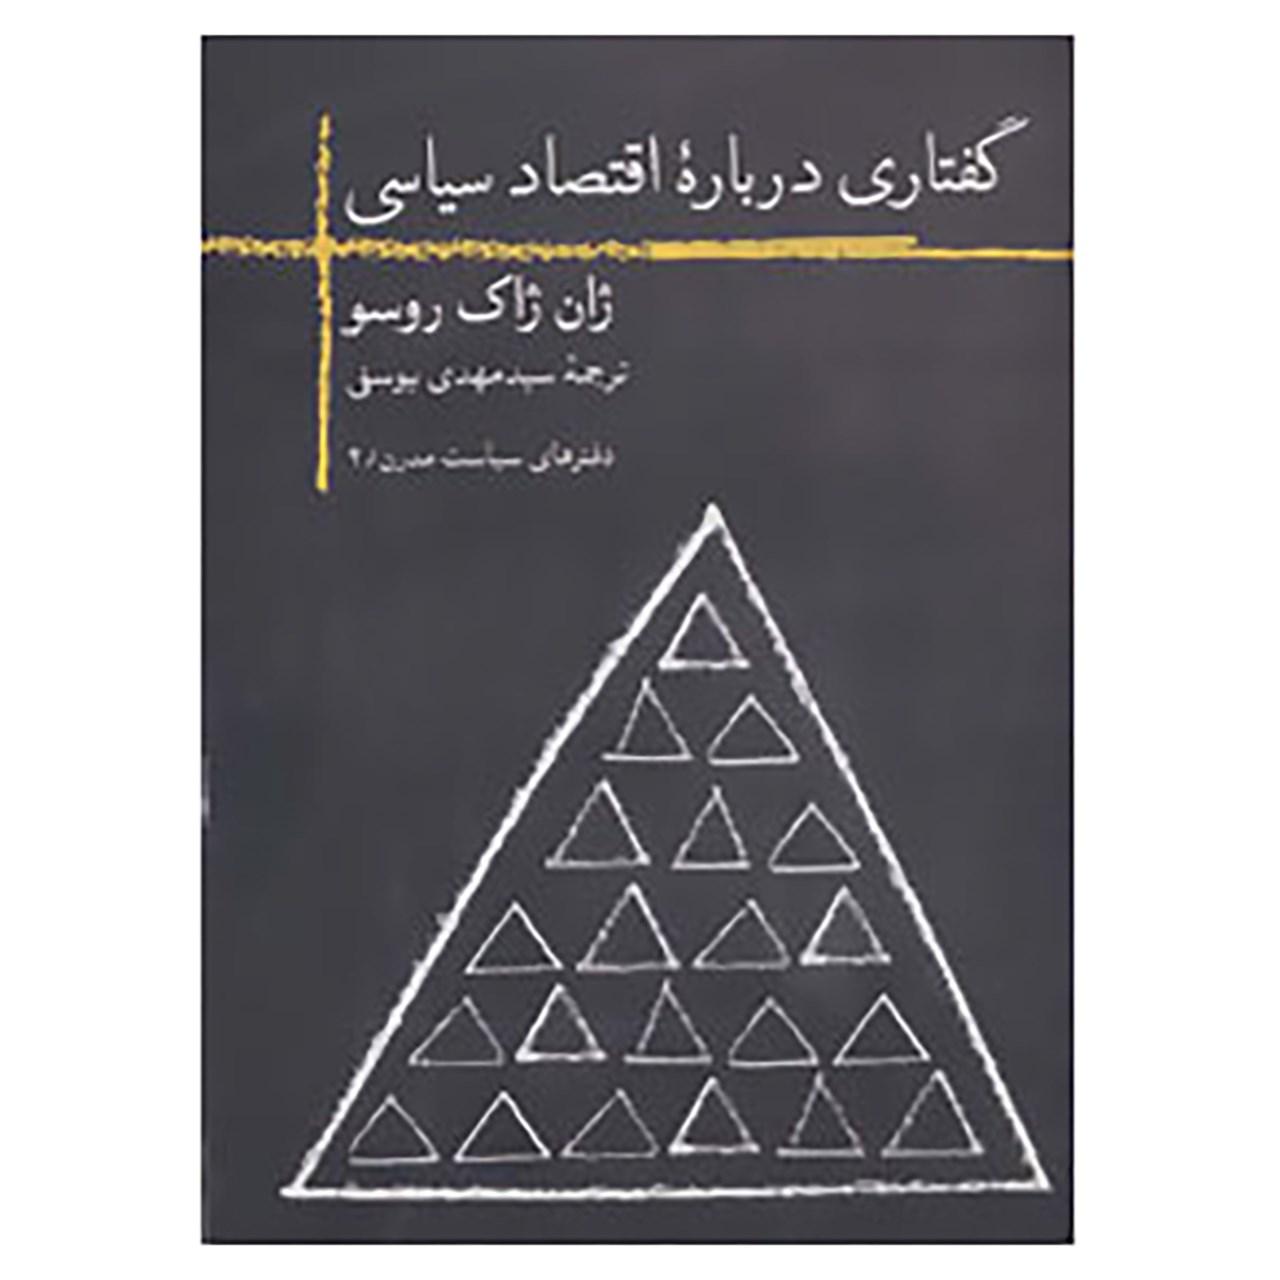 خرید                      کتاب دفترهای سیاست مدرن 4 اثر ژان ژاک روسو